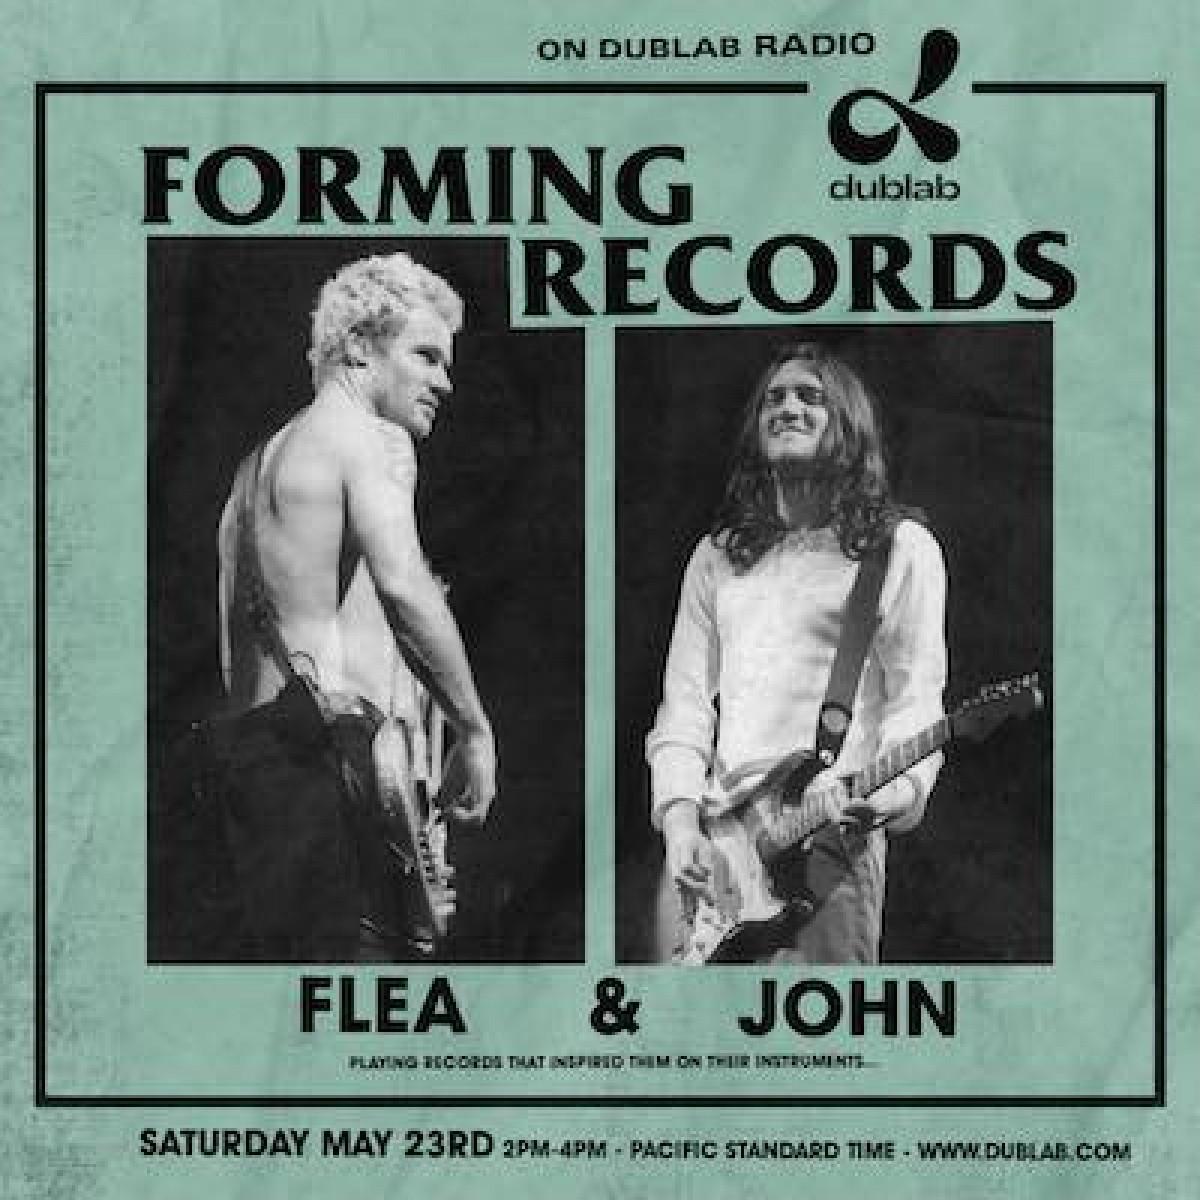 Flea & John Dublab Radio samedi 23/05